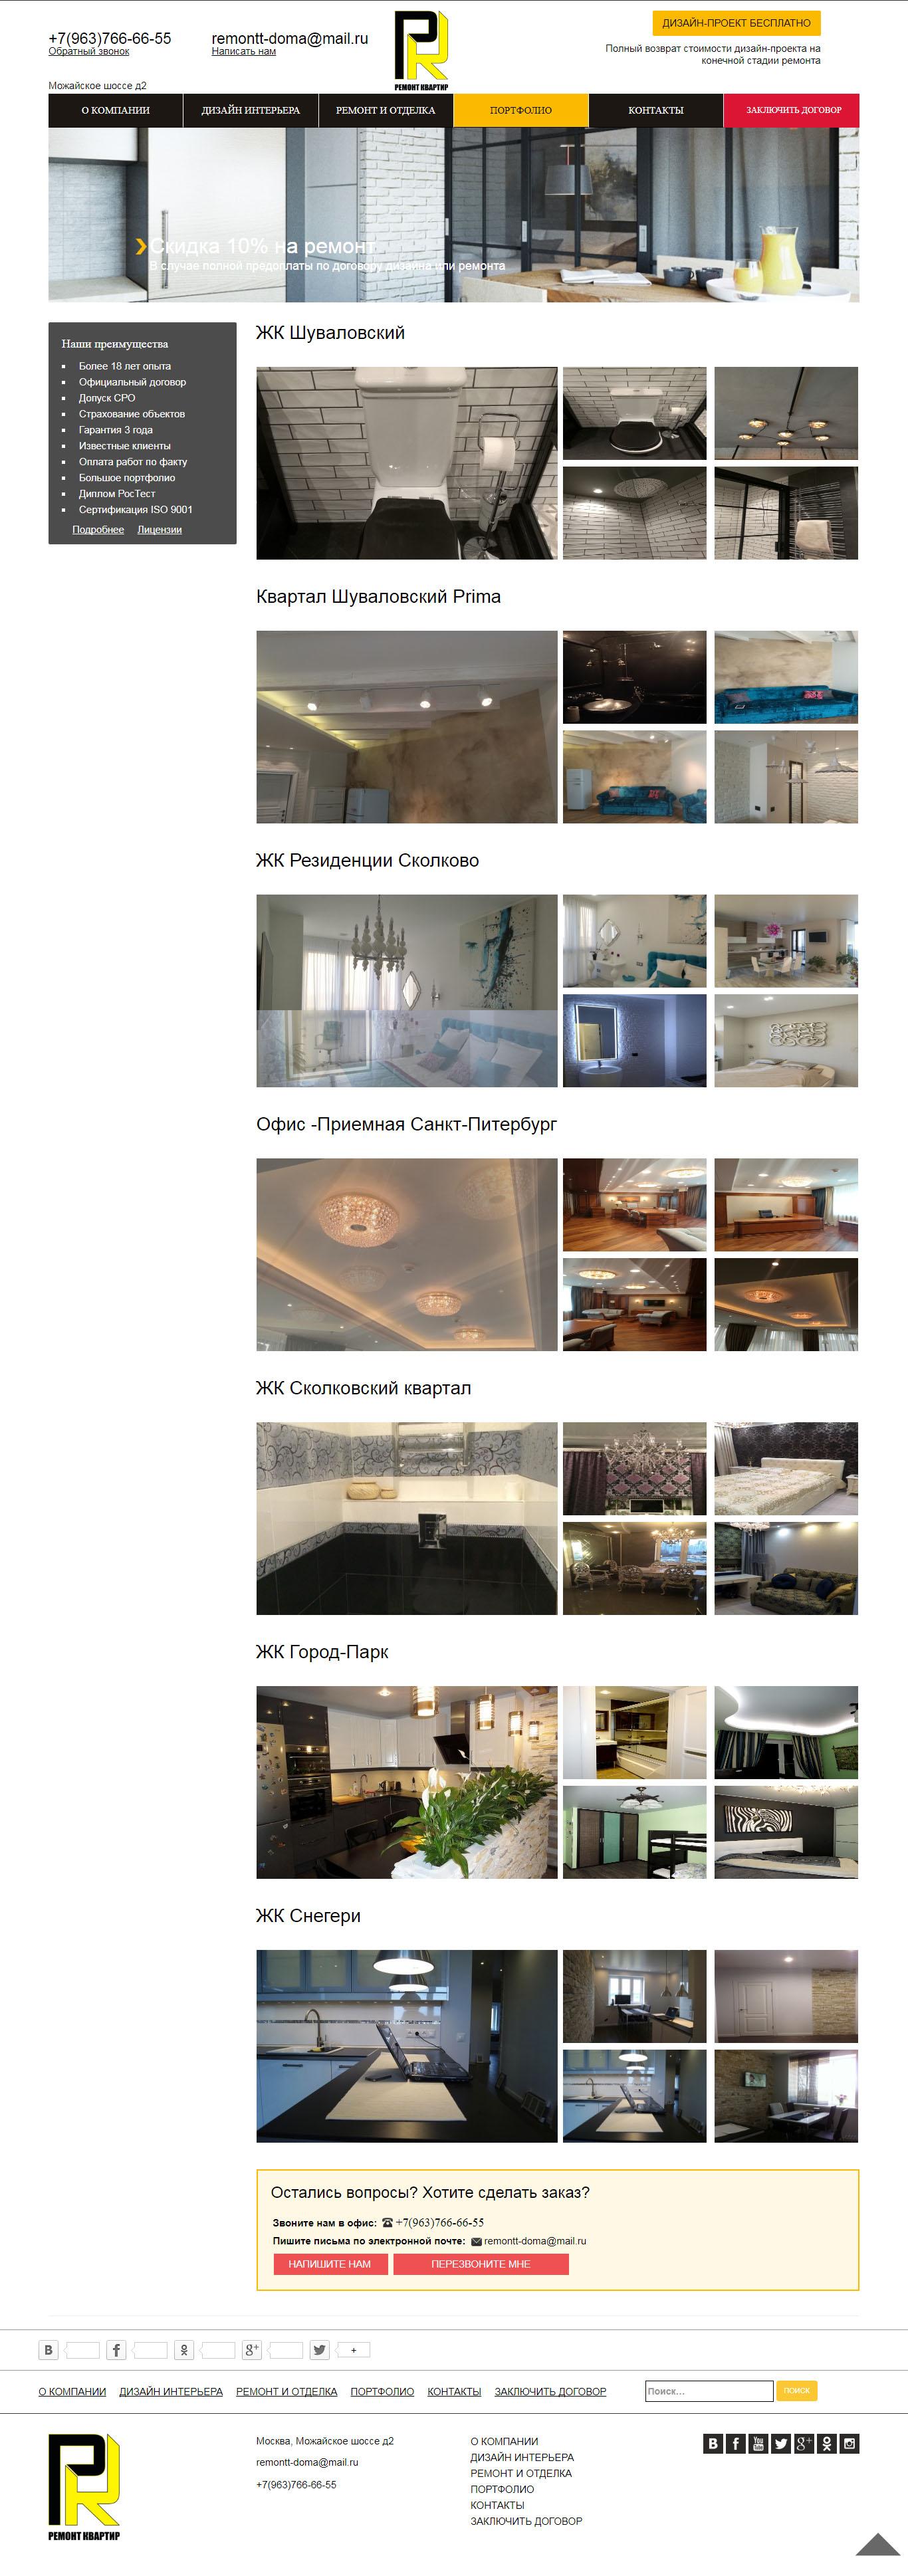 Создание сайта элитного ремонта квартир